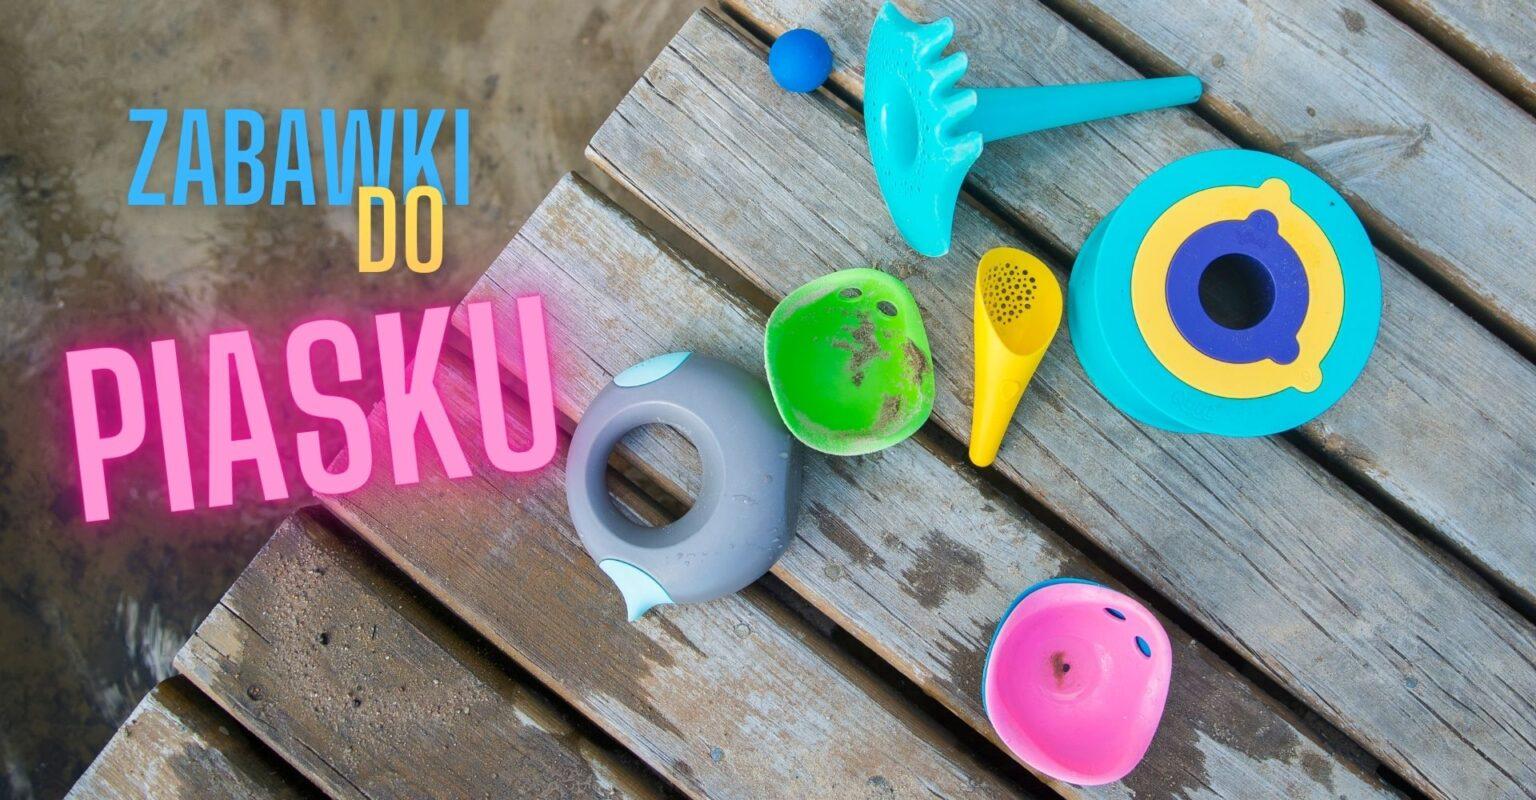 Zabawki do ogrodu - dobra zabawa dla dzieci.